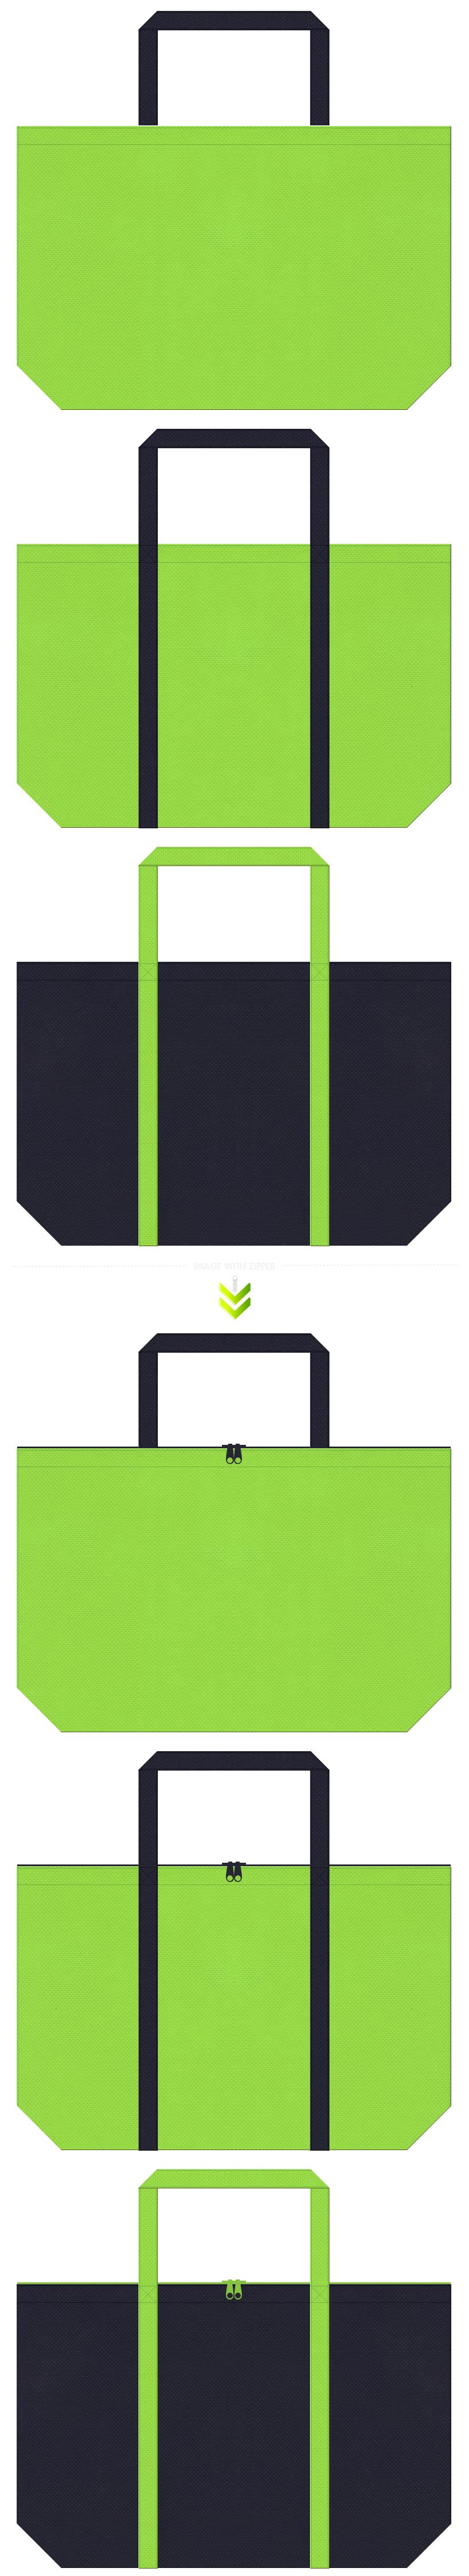 黄緑色と濃緑色の不織布エコバッグのデザイン。